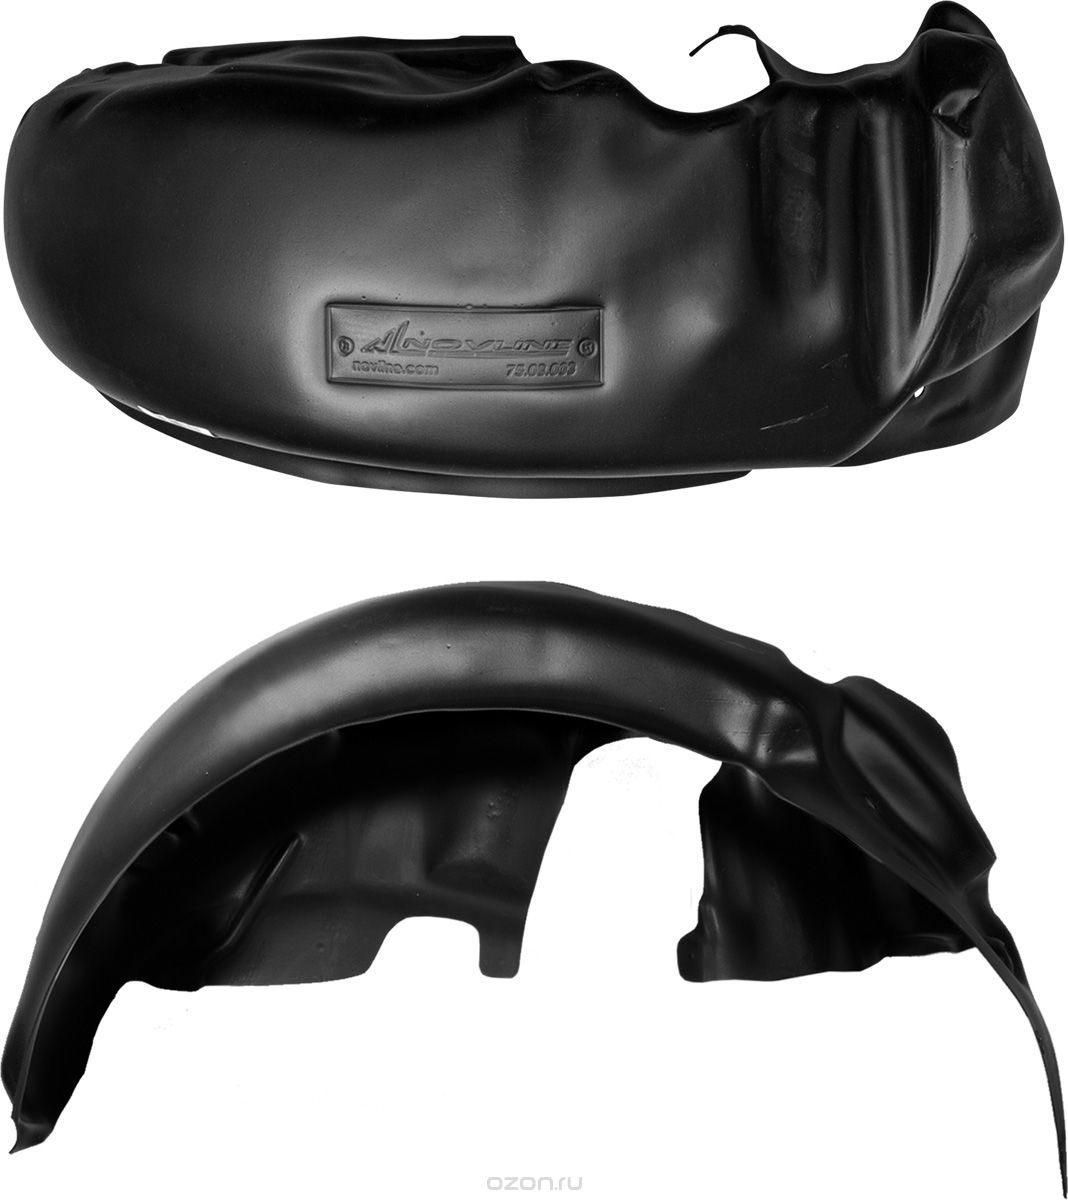 Подкрылок Novline-Autofamily, для ВАЗ 2106 1976-2001 , передний левыйIRK-503Идеальная защита колесной ниши. Локеры разработаны с применением цифровых технологий, гарантируют максимальную повторяемость поверхности арки. Изделия устанавливаются без нарушения лакокрасочного покрытия автомобиля, каждый подкрылок комплектуется крепежом. Уважаемые клиенты, обращаем ваше внимание, что фотографии на подкрылки универсальные и не отражают реальную форму изделия. При этом само изделие идет точно под размер указанного автомобиля.